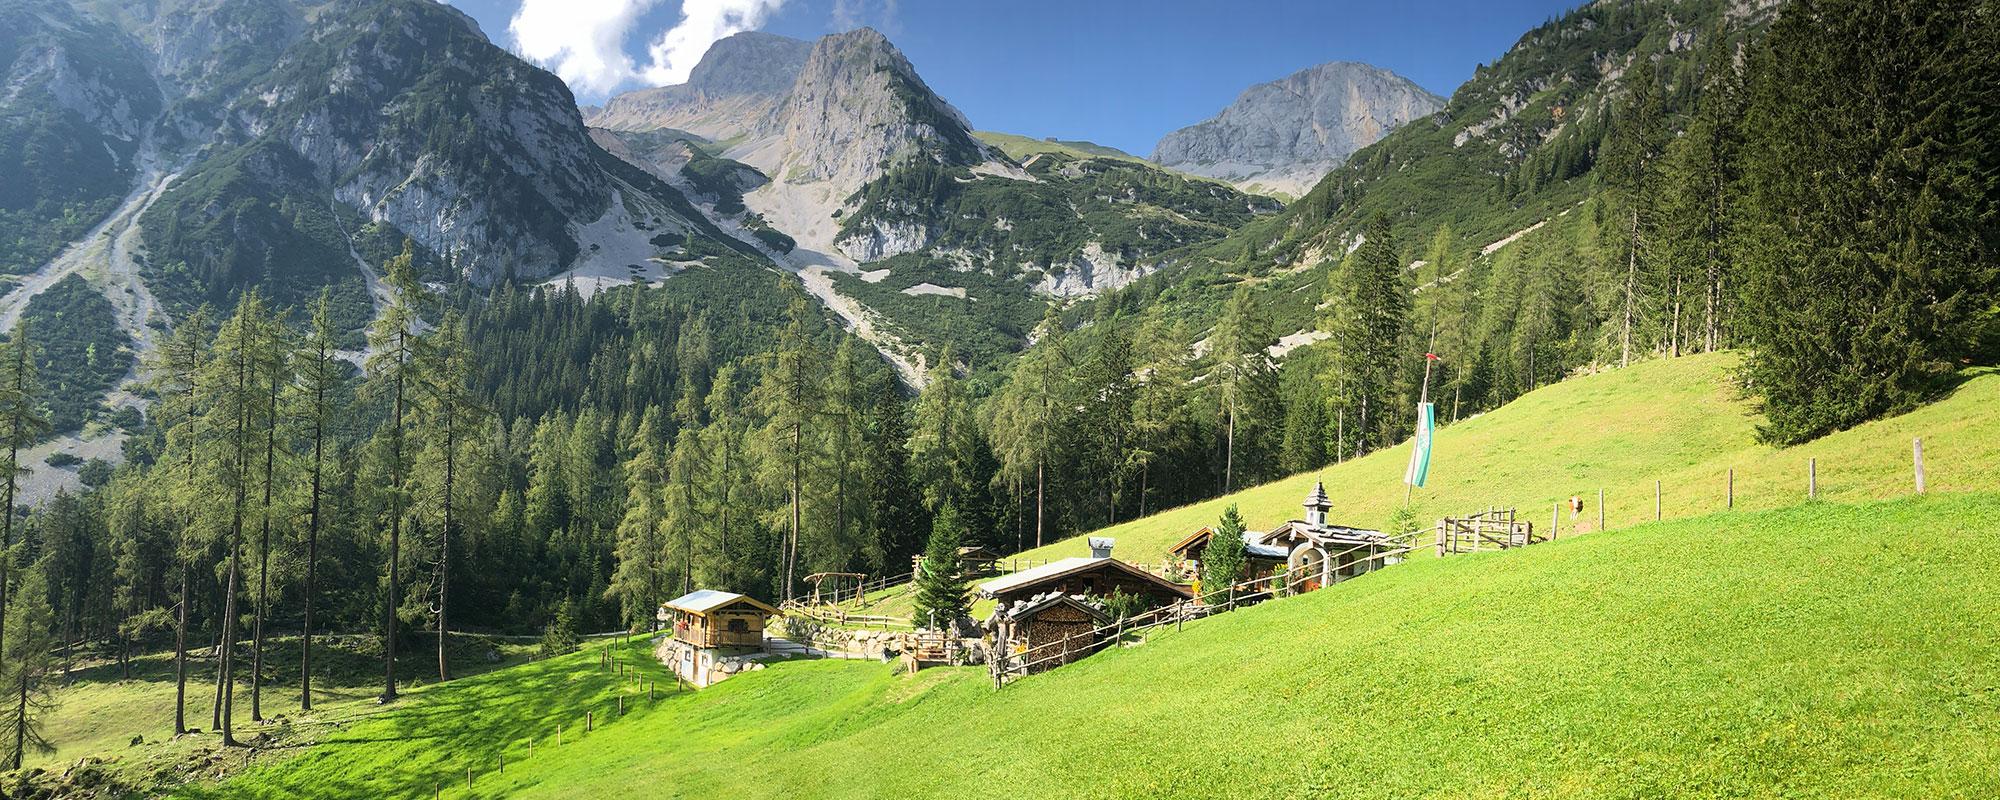 Landurlaub Trillerhof in Ramsau am Dachstein - Zimmer und